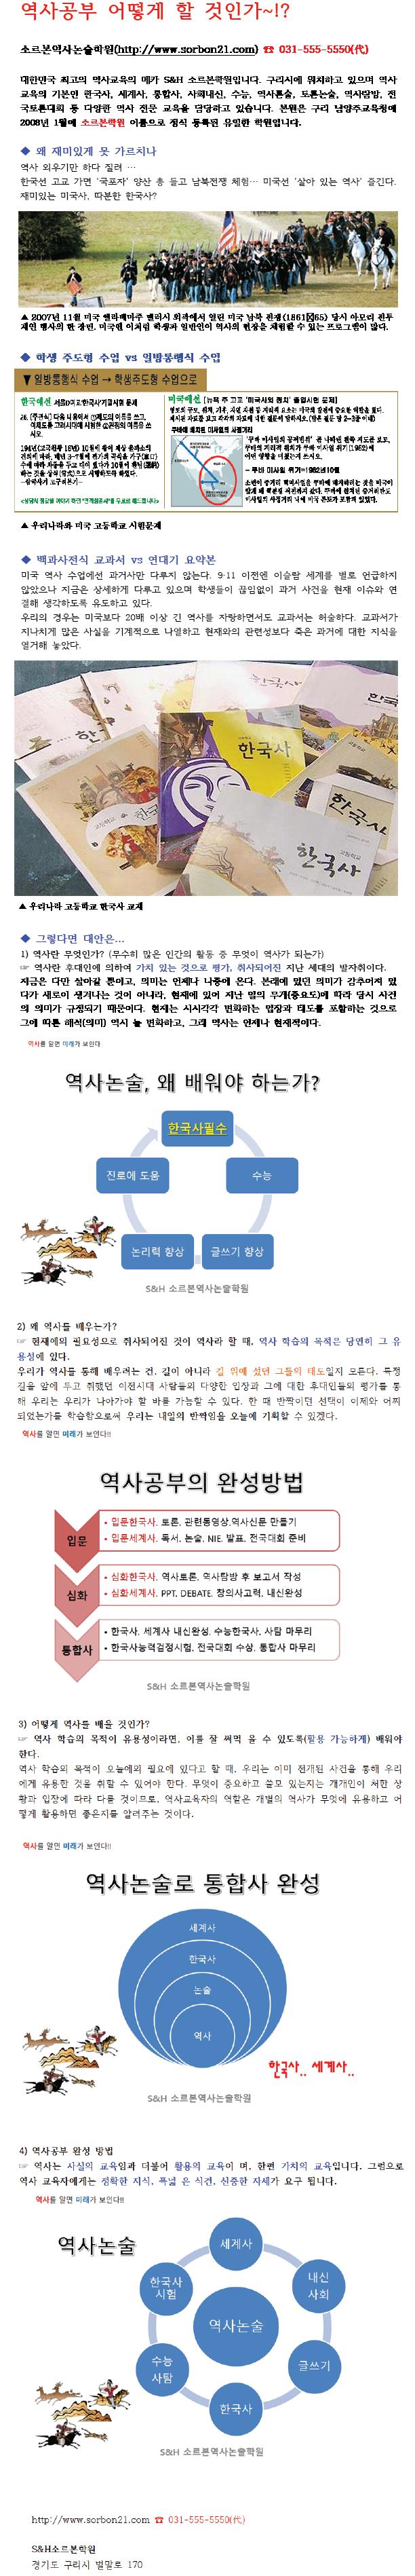 역사공부방법.png